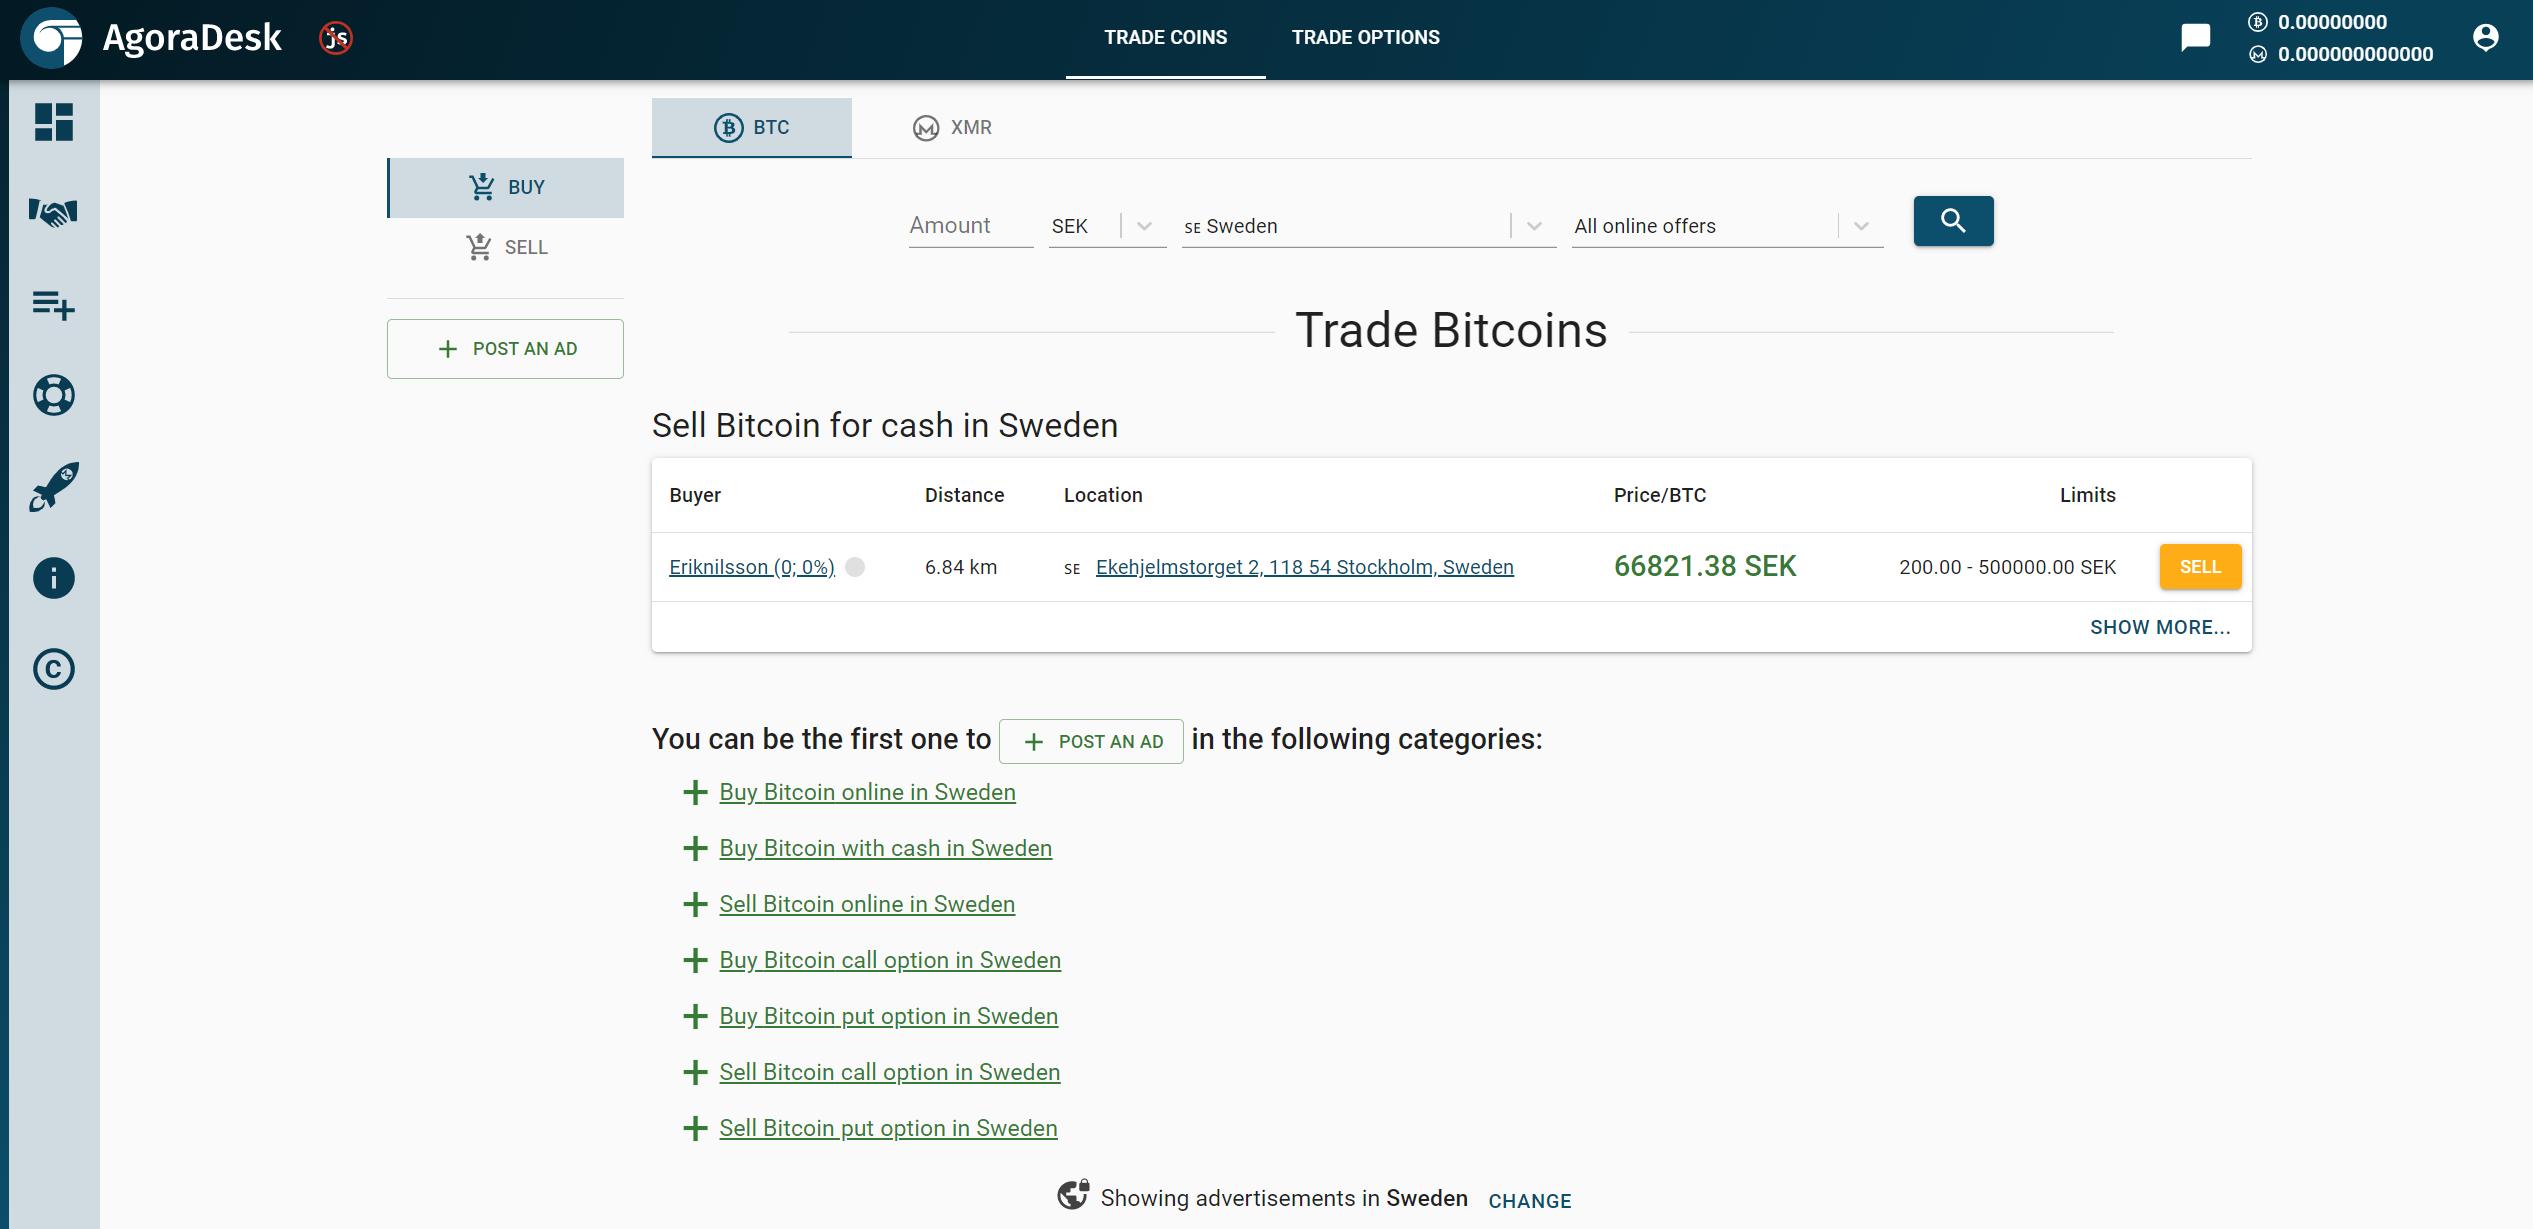 AgoraDesk Trading View